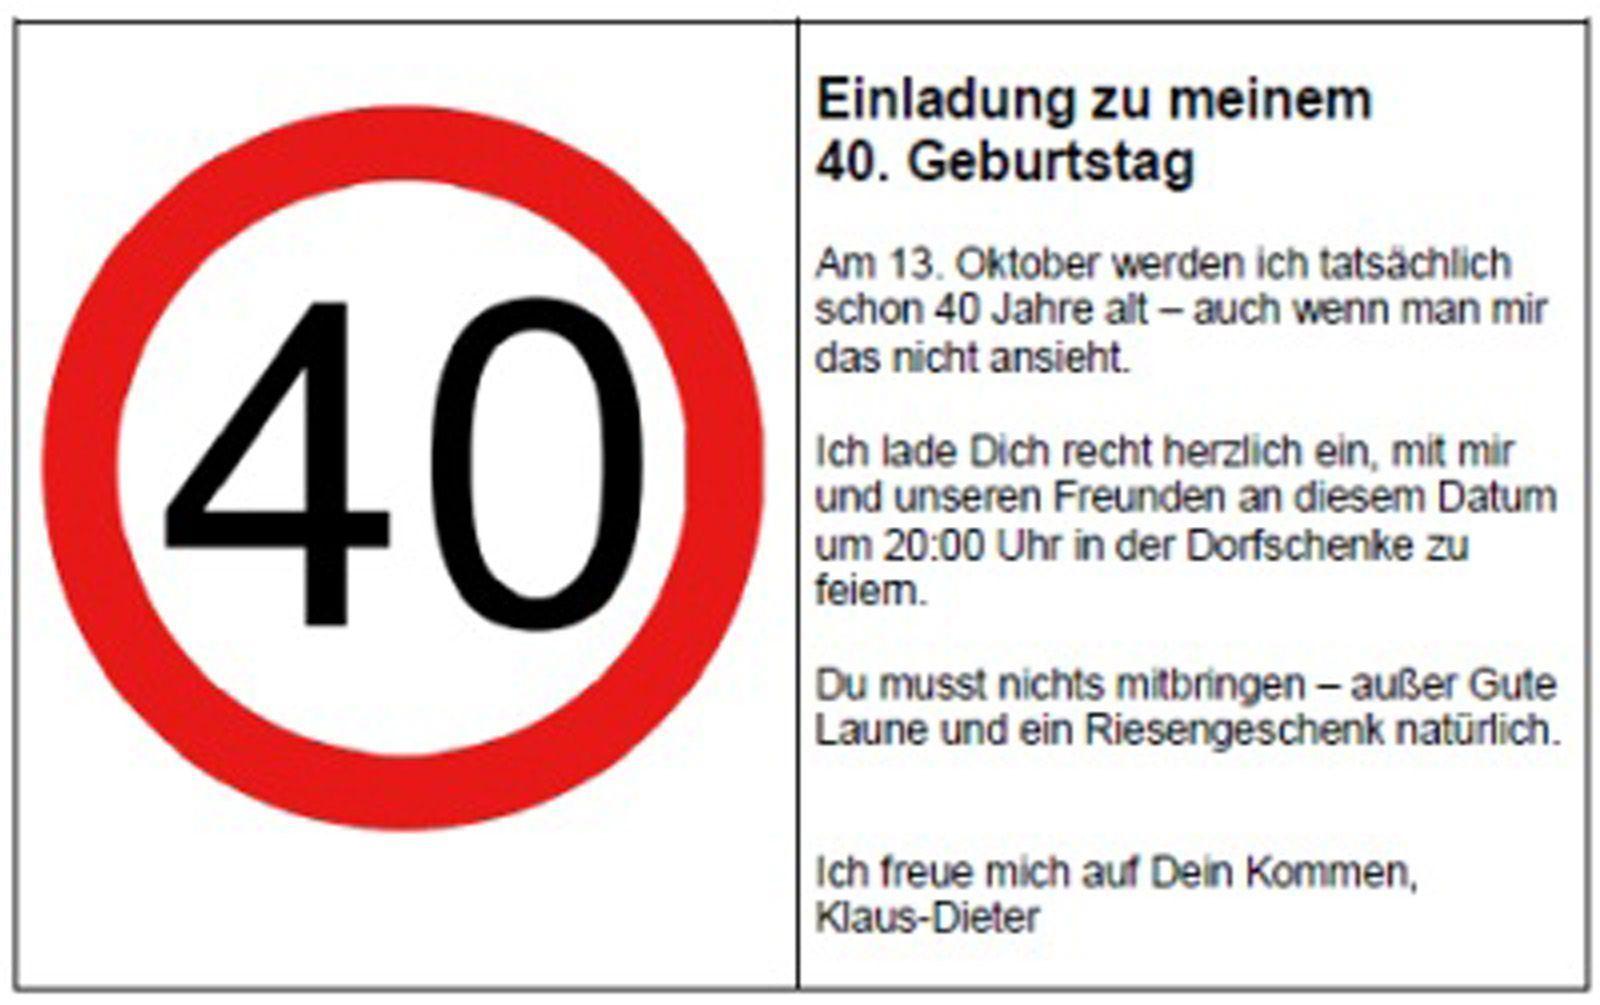 Einladung 40 Geburtstag Ausdrucken Geburtstag Einladung In 2020